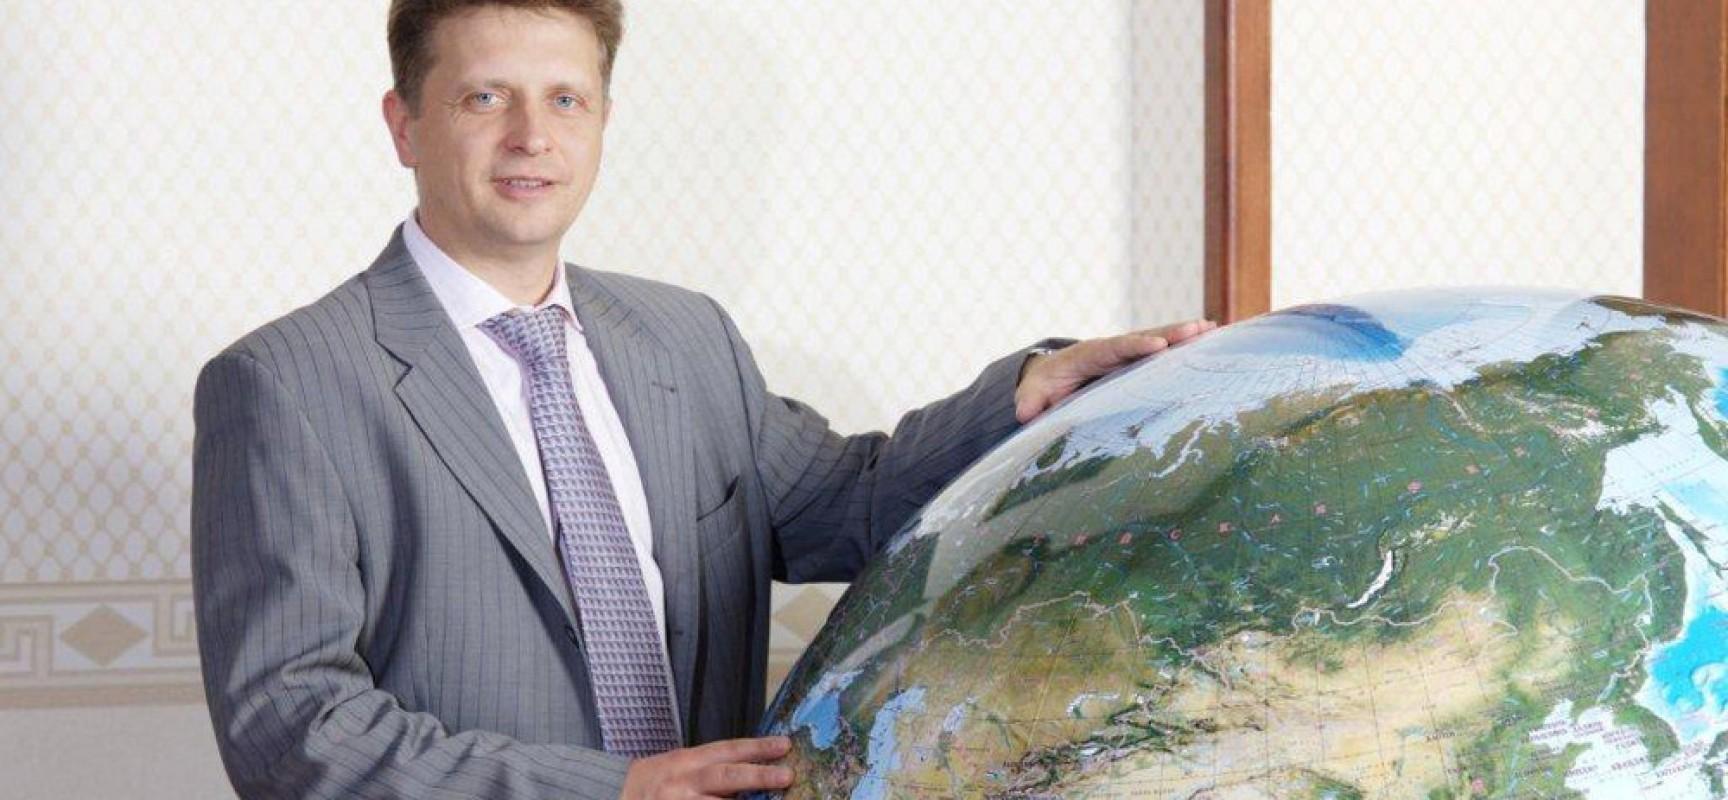 Министр транспорта России Максим Соколов подвел итоги работы Керченской переправы за прошлый год и наметил планы на будущее